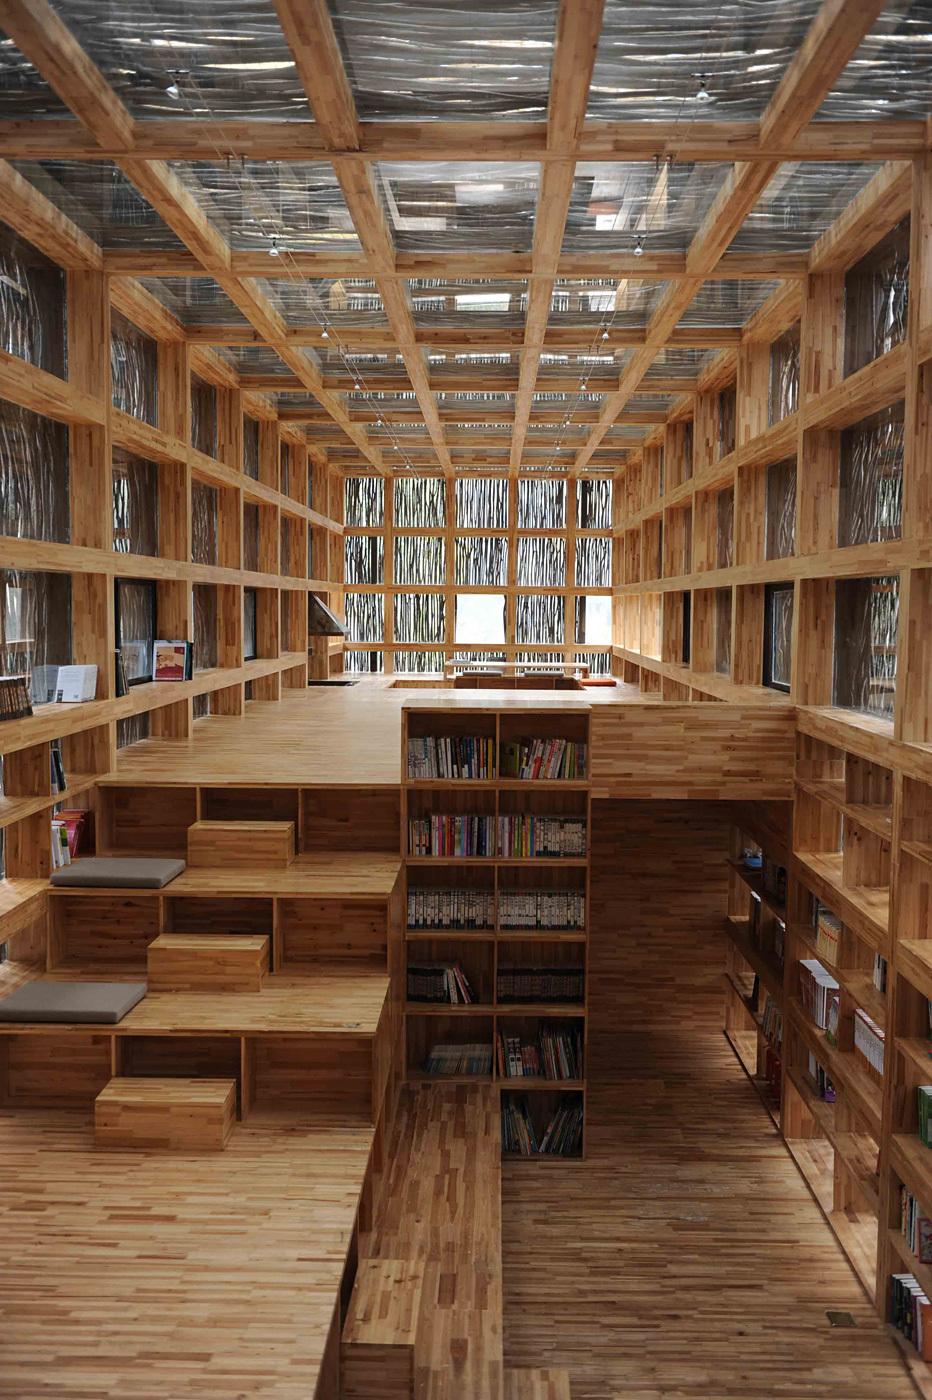 Liyan Library by Li Xiaodong, Tsinghua University, China